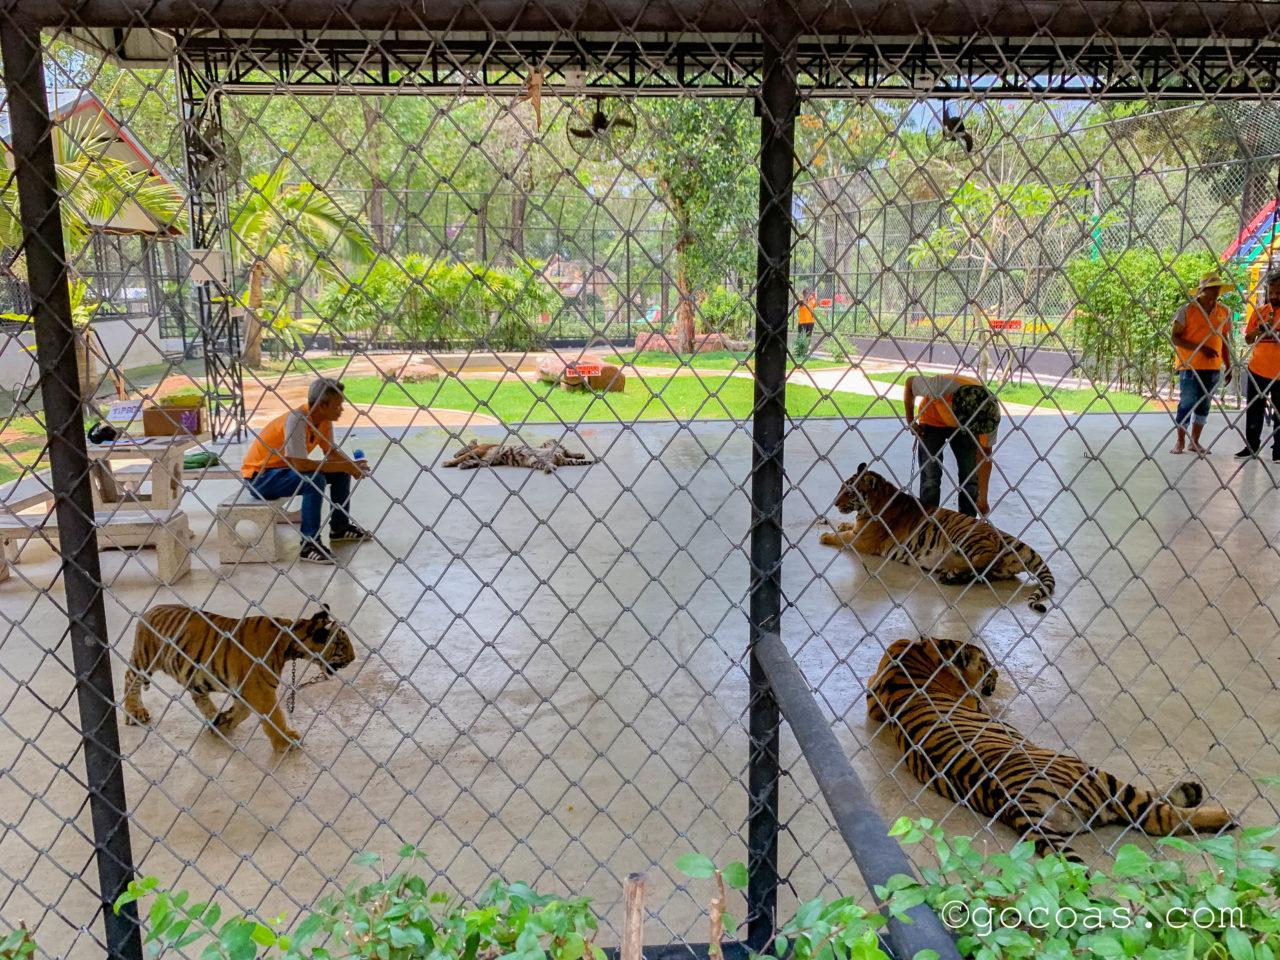 シラチャタイガーズーの屋外で何匹もいるトラと写真撮影体験